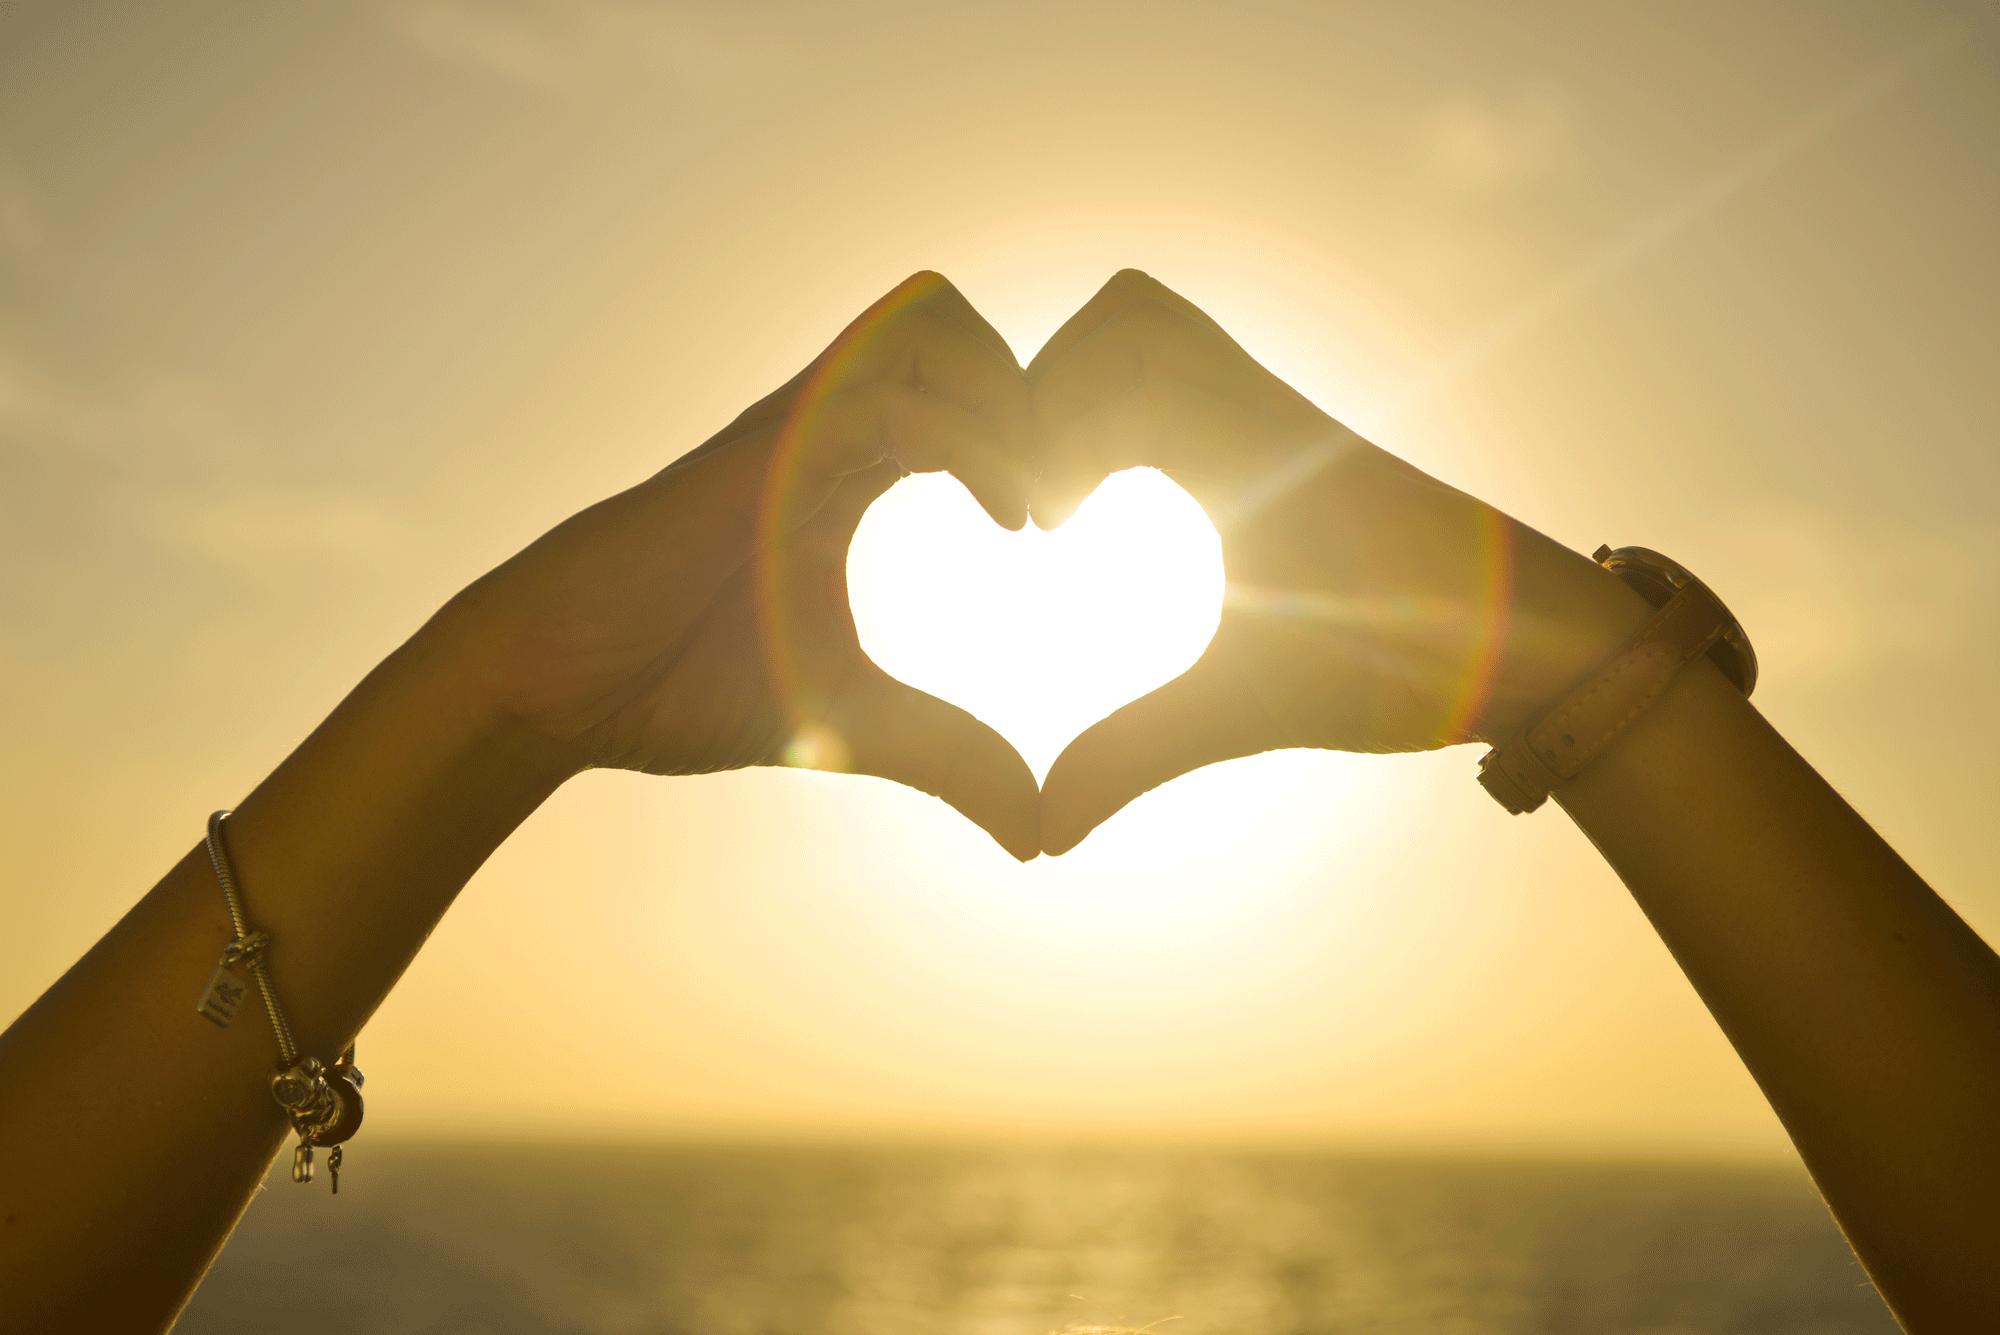 sunset-hands-love-woman-web